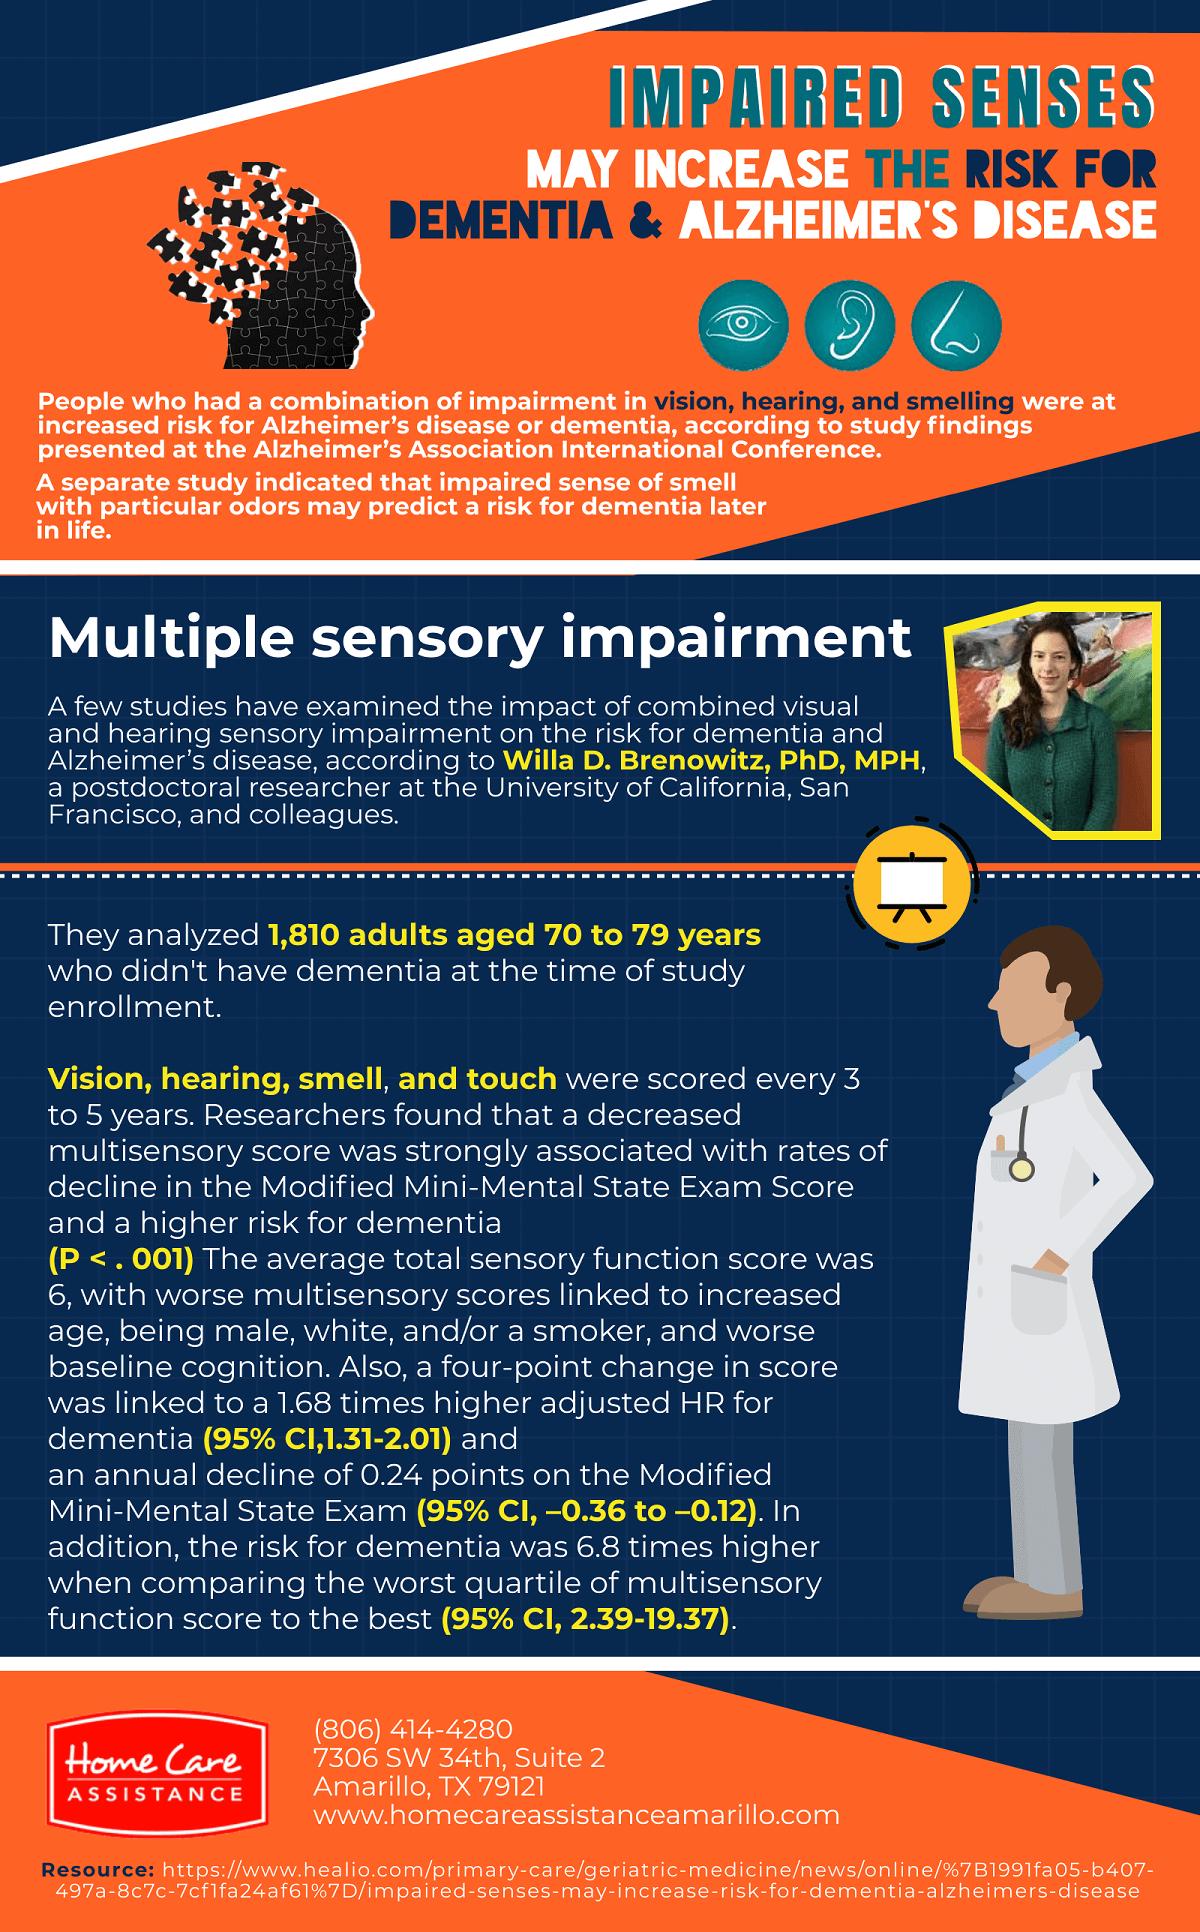 Poor Senses Raise Dementia & Alzheimer's Risk [Infographic]